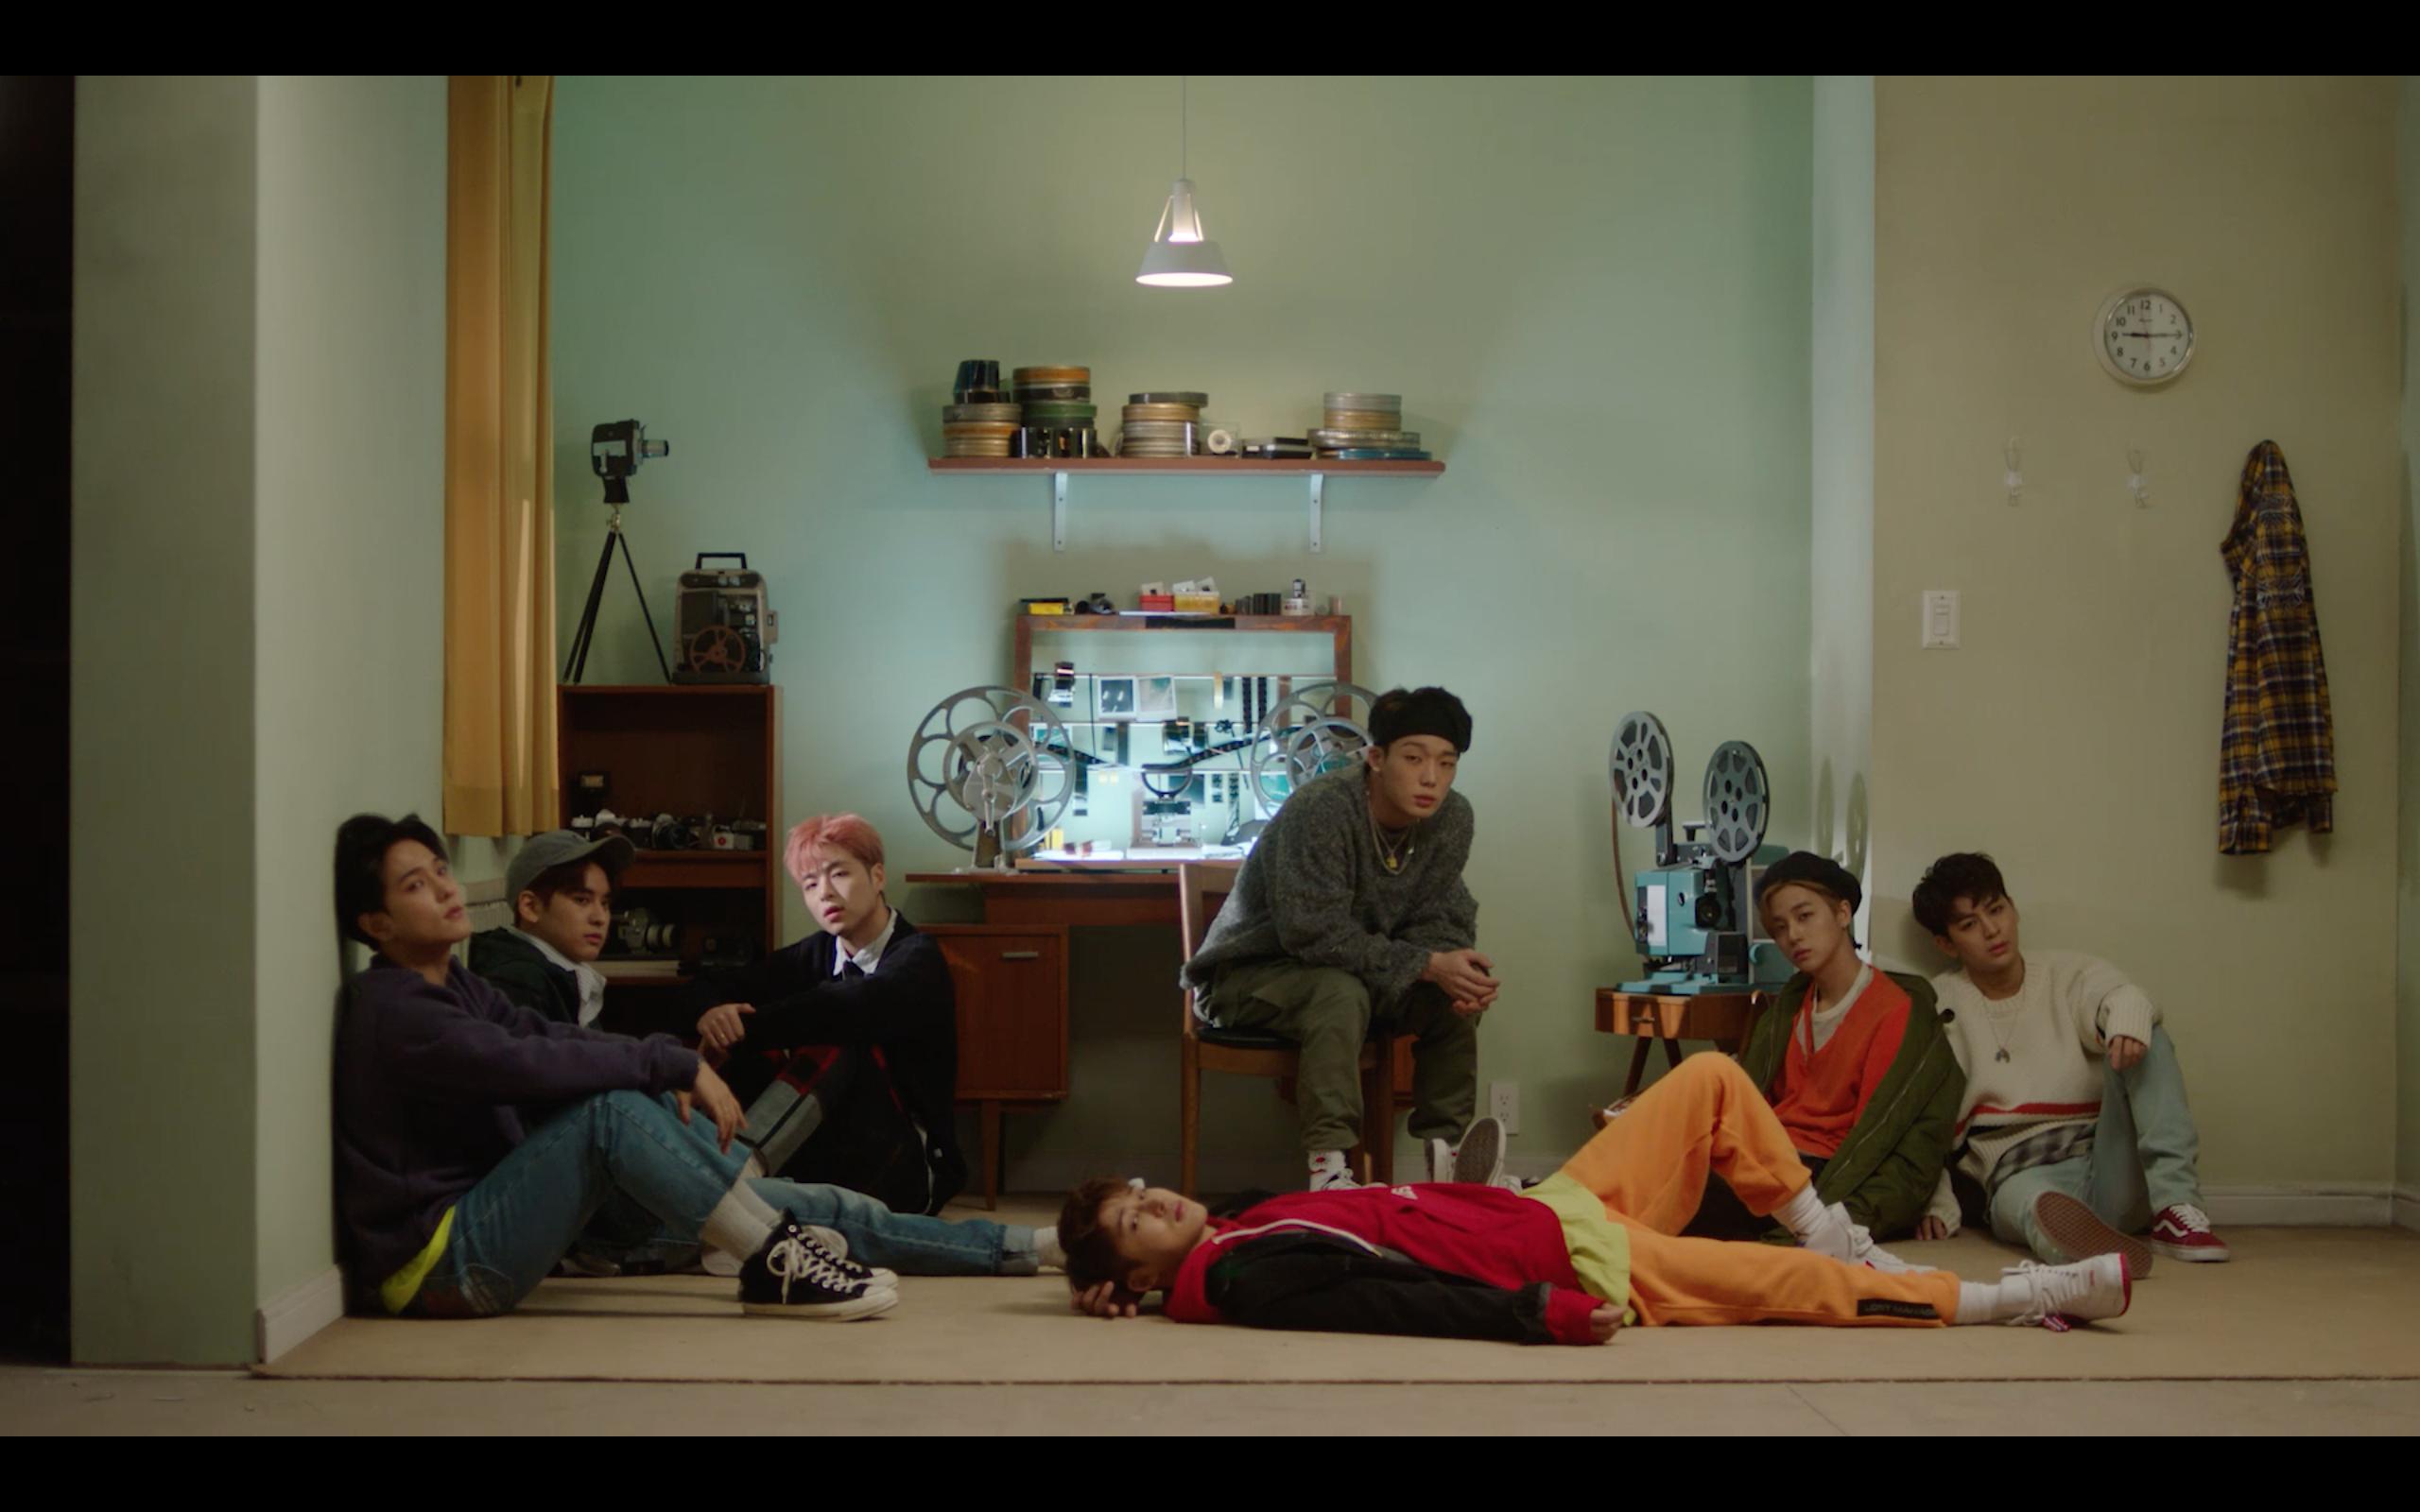 iKON - '사랑을 했다(LOVE SCENARIO)' M/V